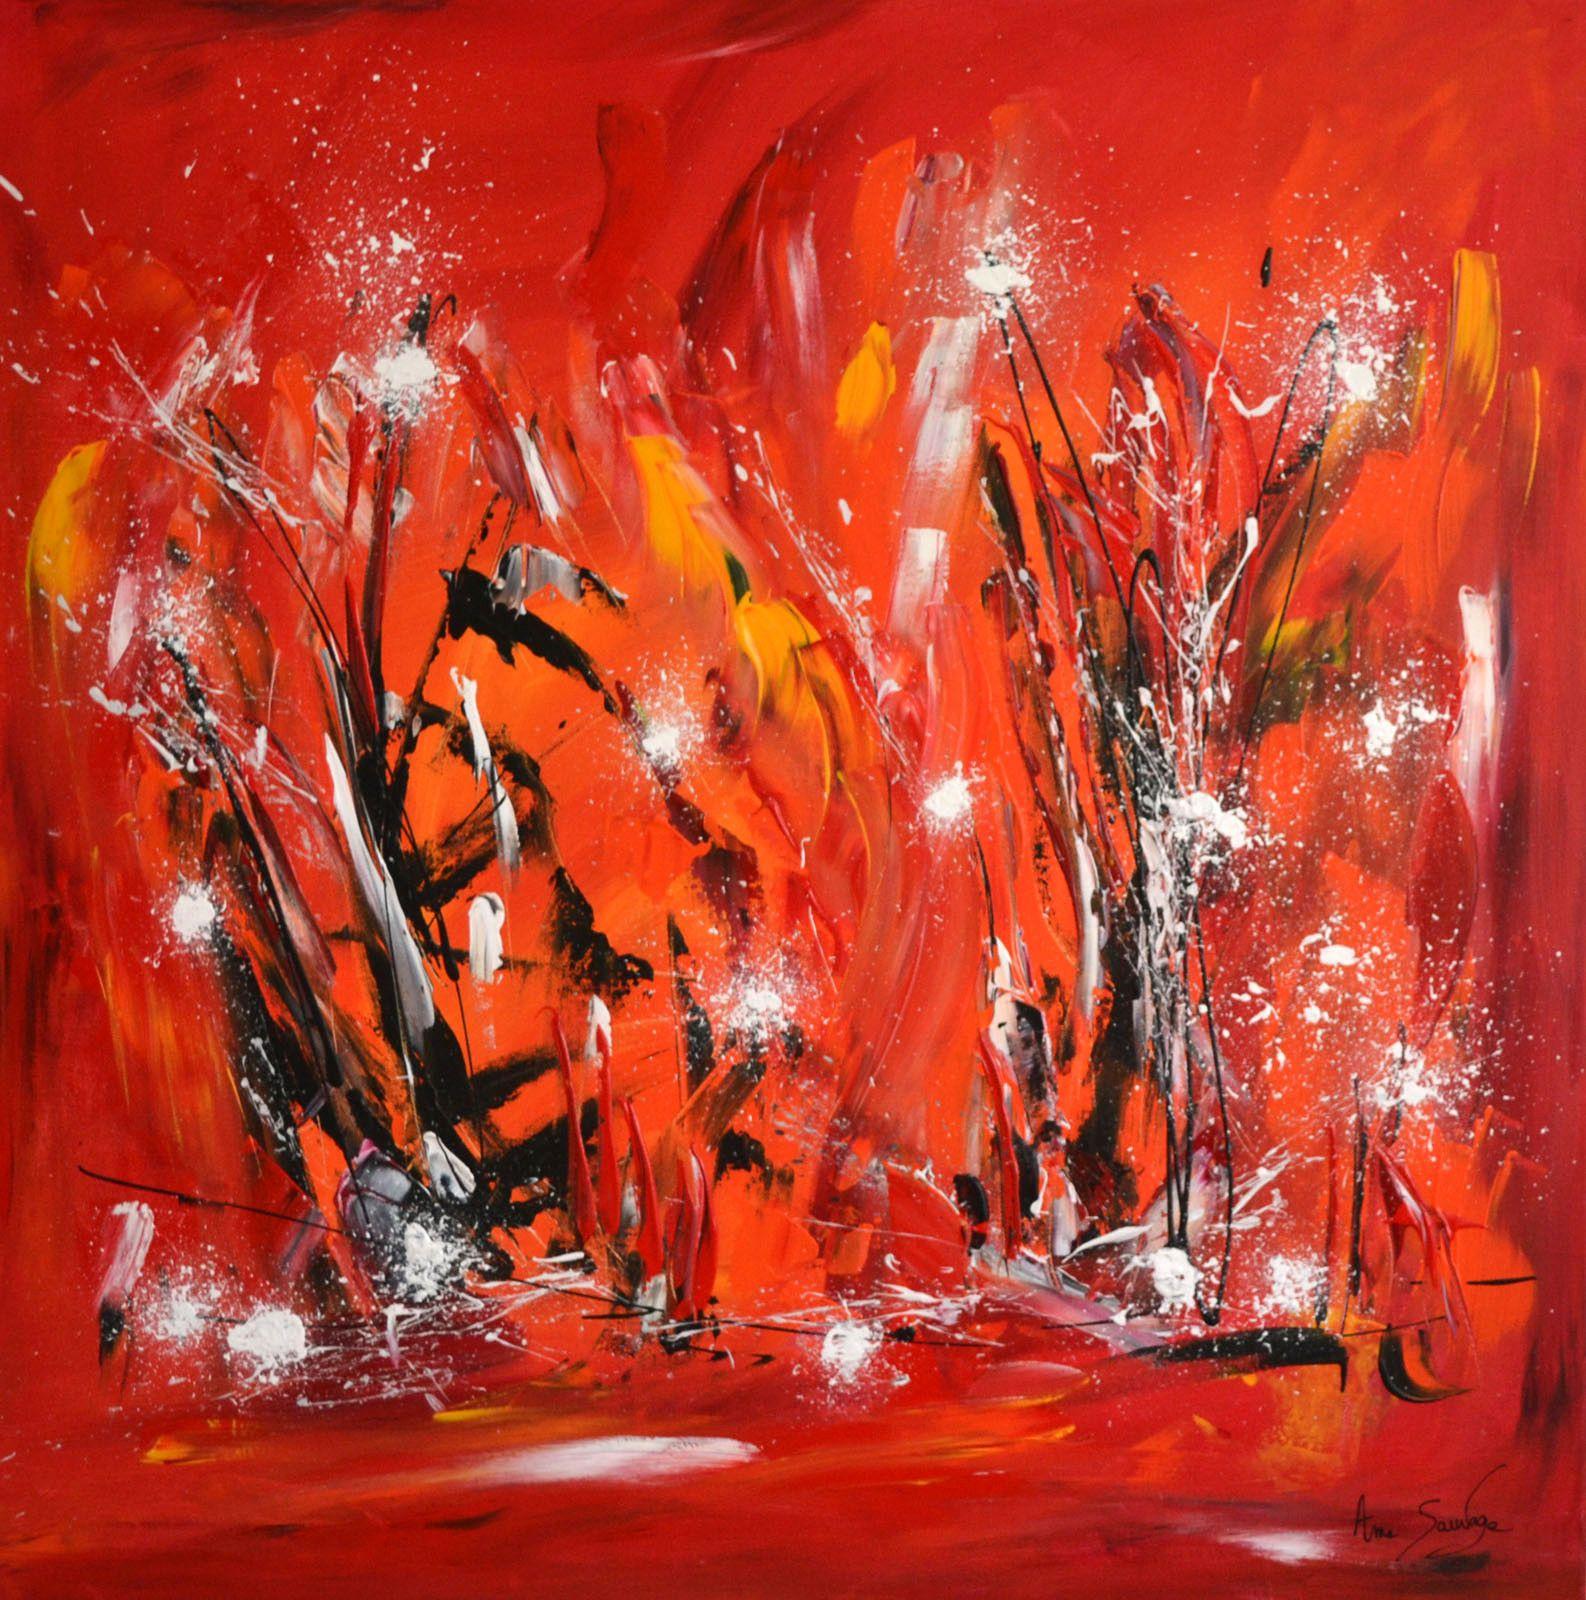 moderne avec tableau contemporain pas cher idees et tableau moderne rouge abstrait avec 1586x1600px dibujo - Tableau Contemporain Pas Cher